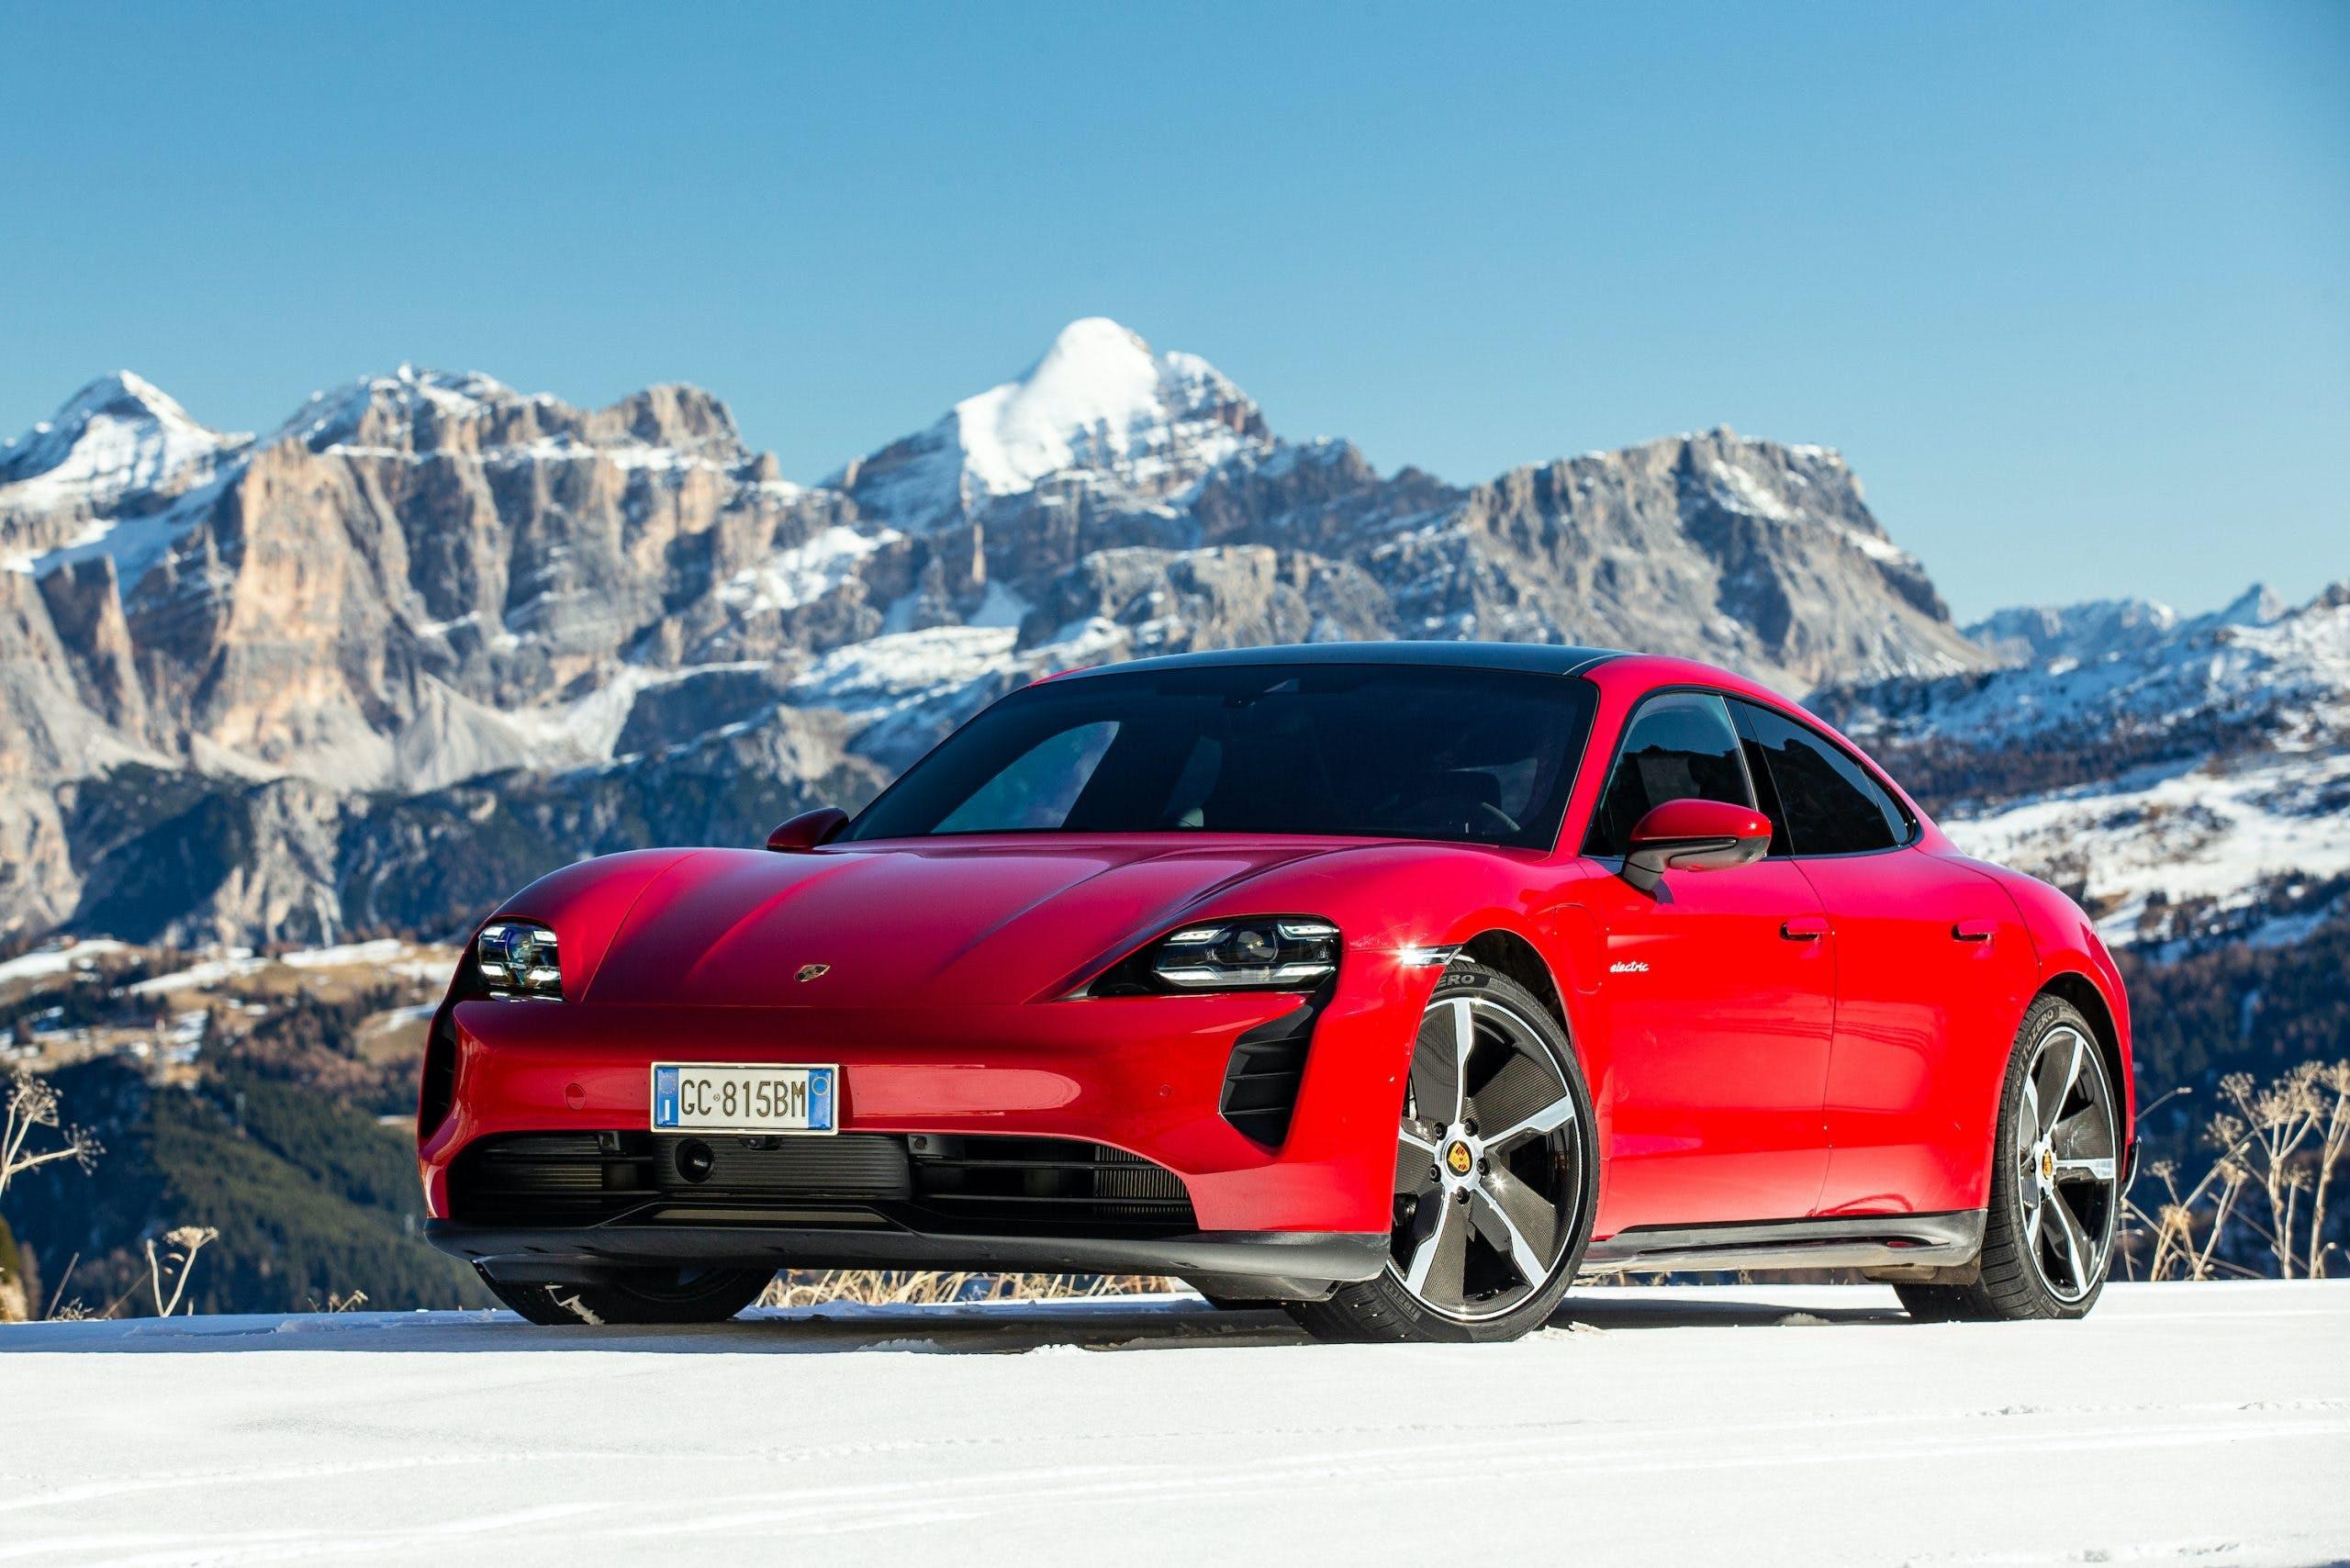 Porsche Taycan rossa statica Dolomiti